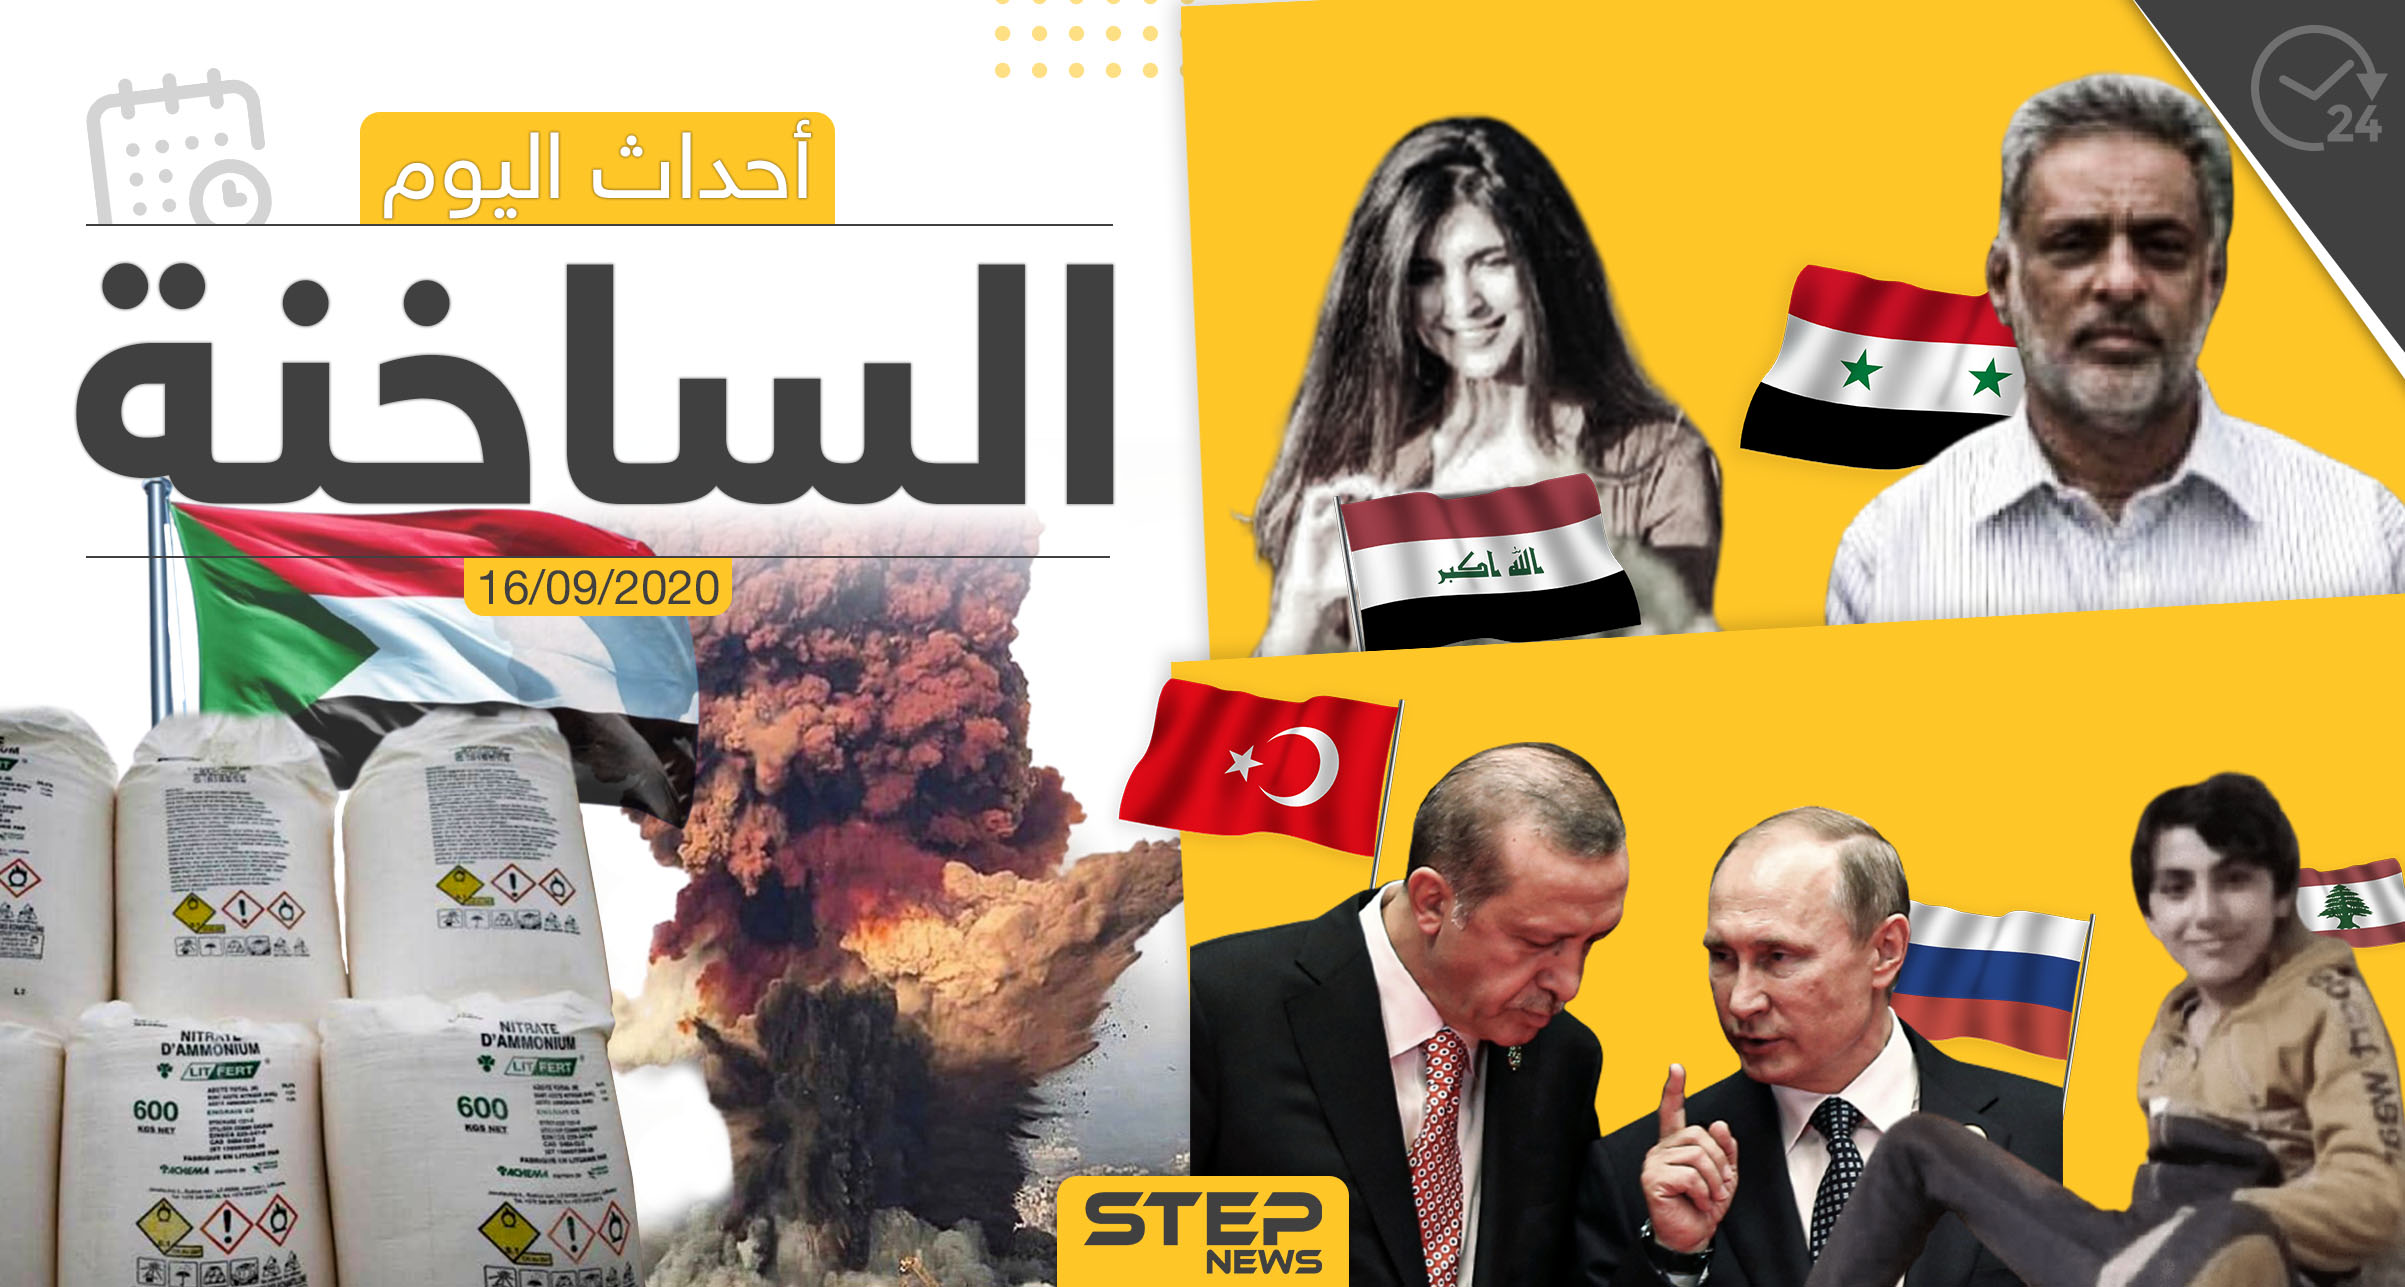 أهم أخبار اليوم في سوريا